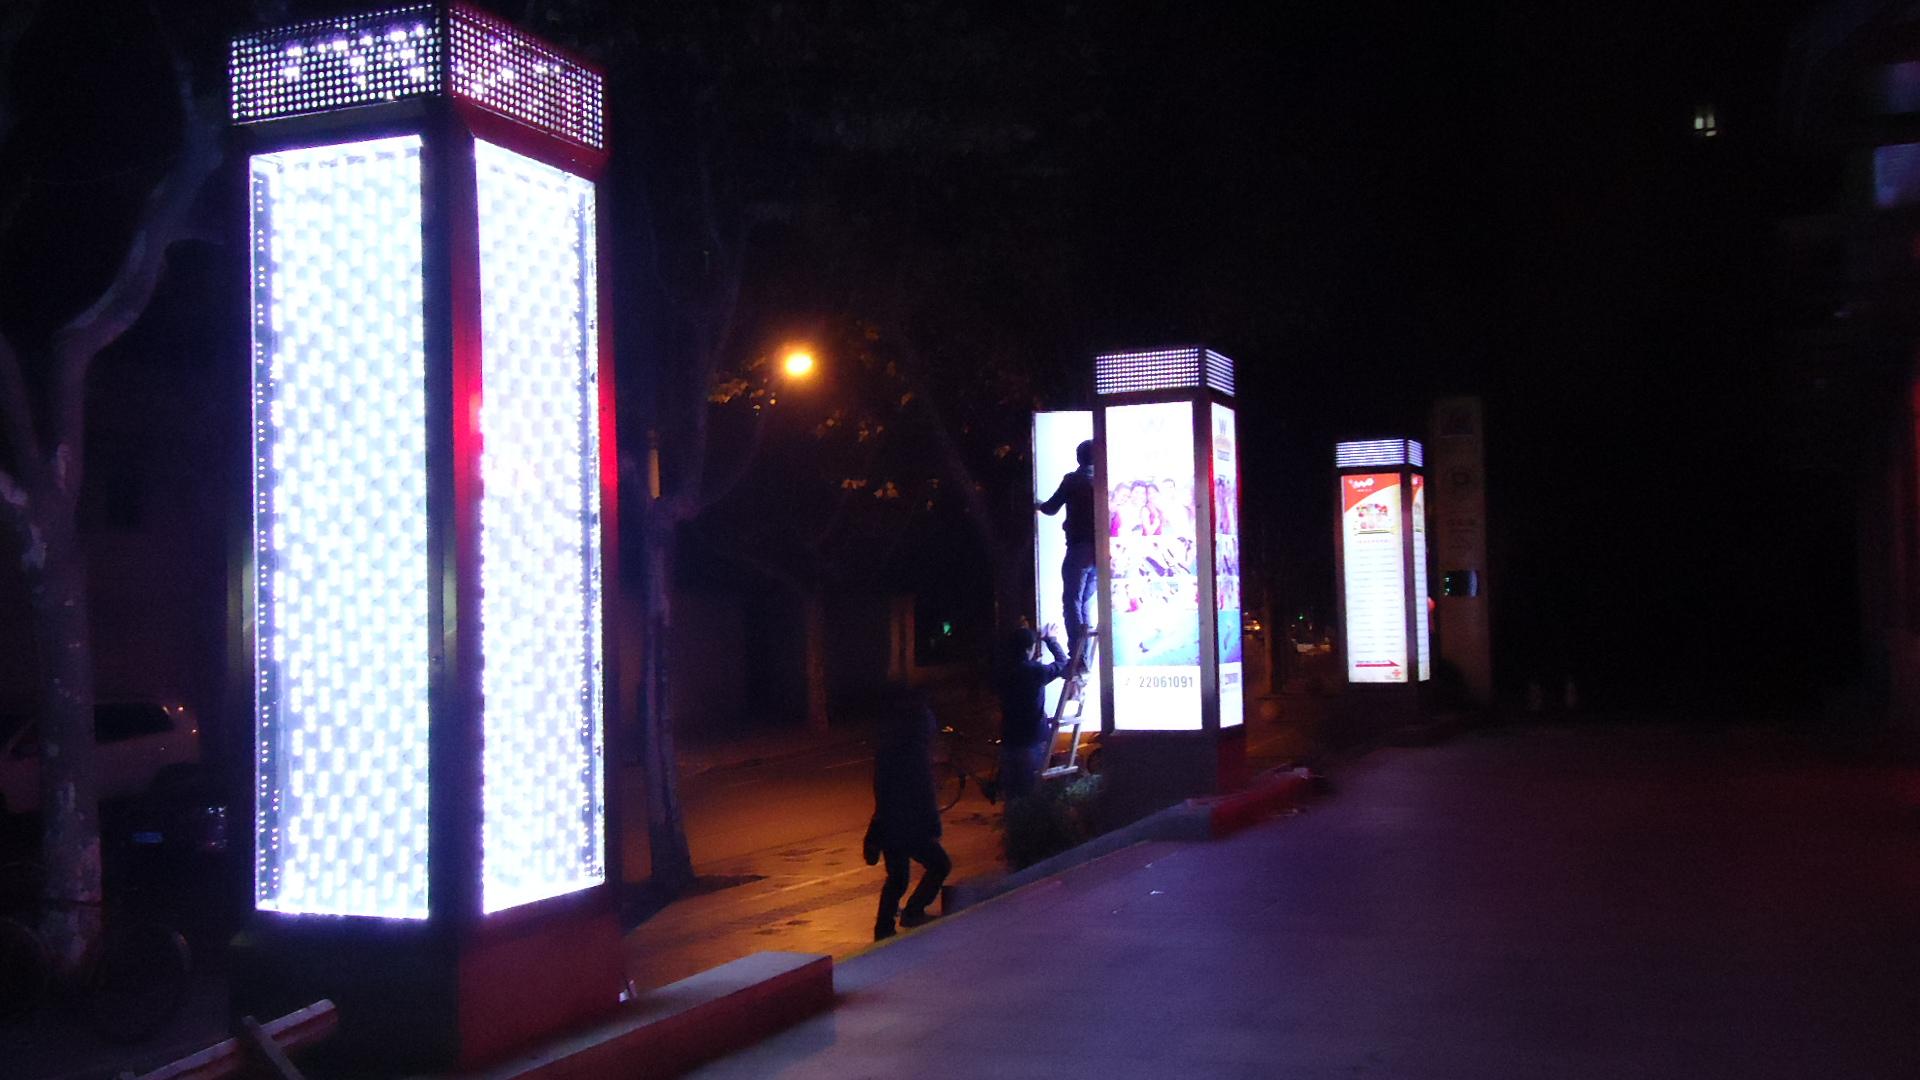 上海户外立柱灯箱媒体广告